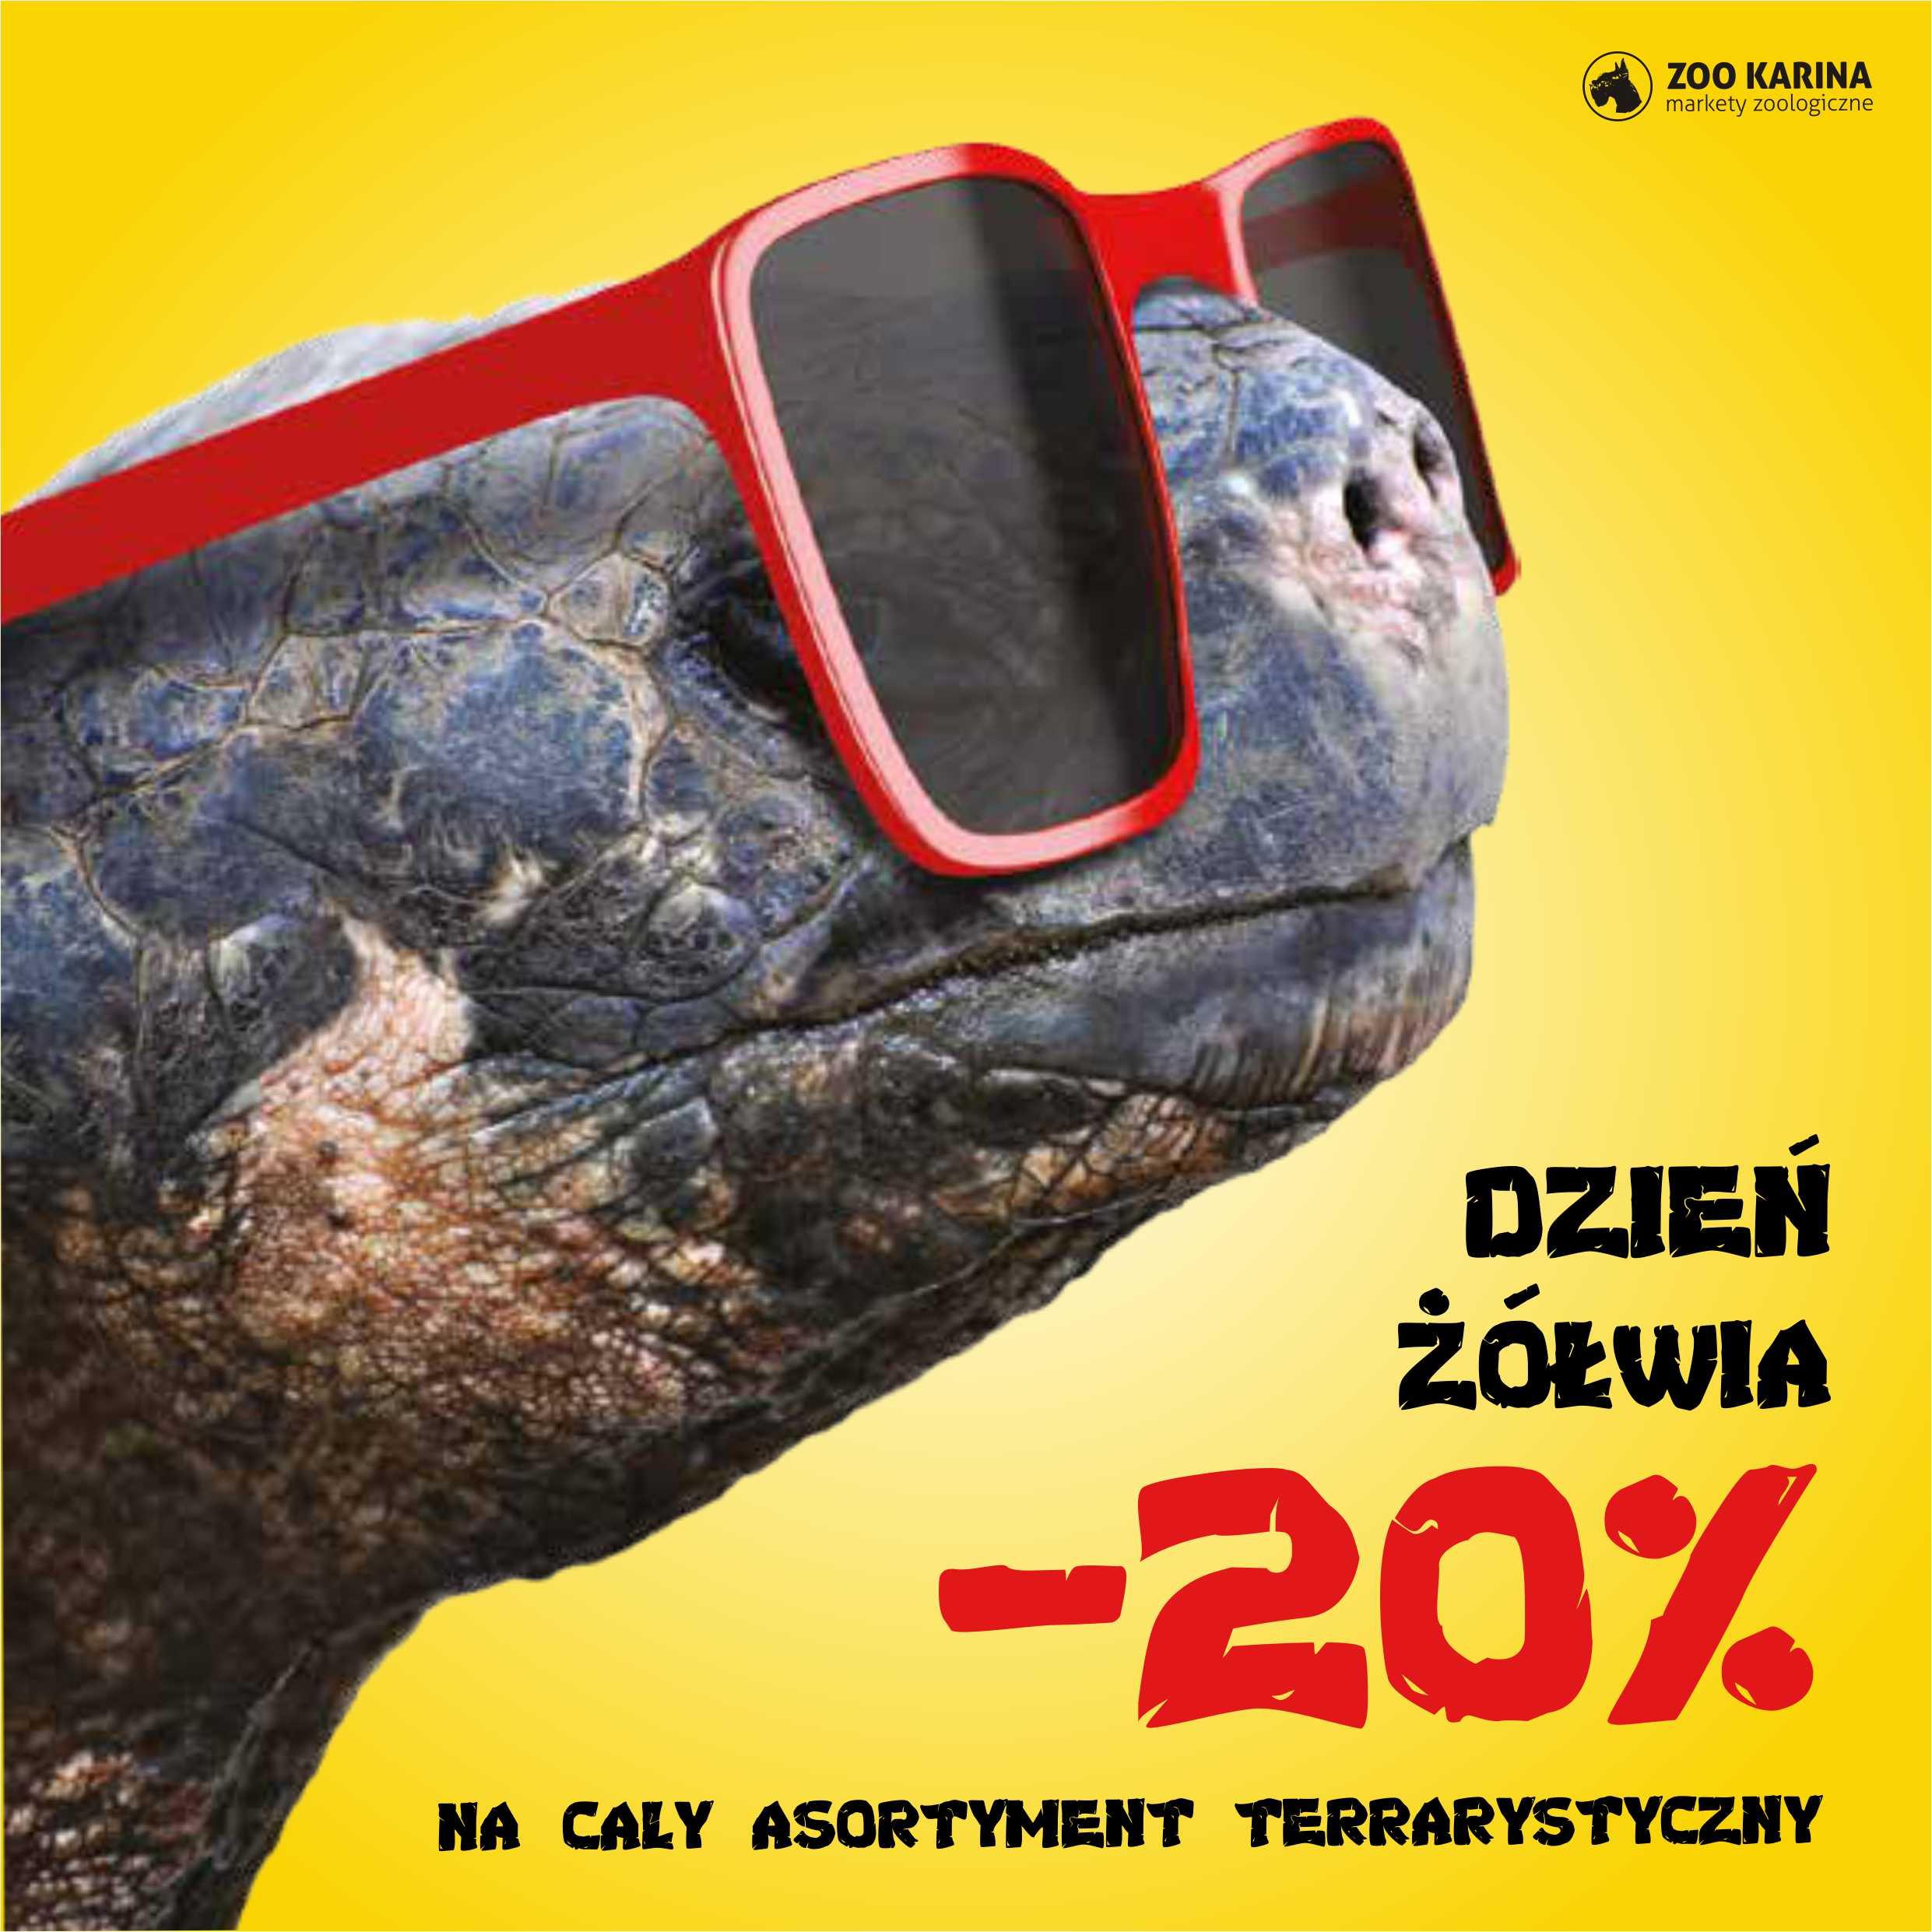 Dzień żółwia_22.05